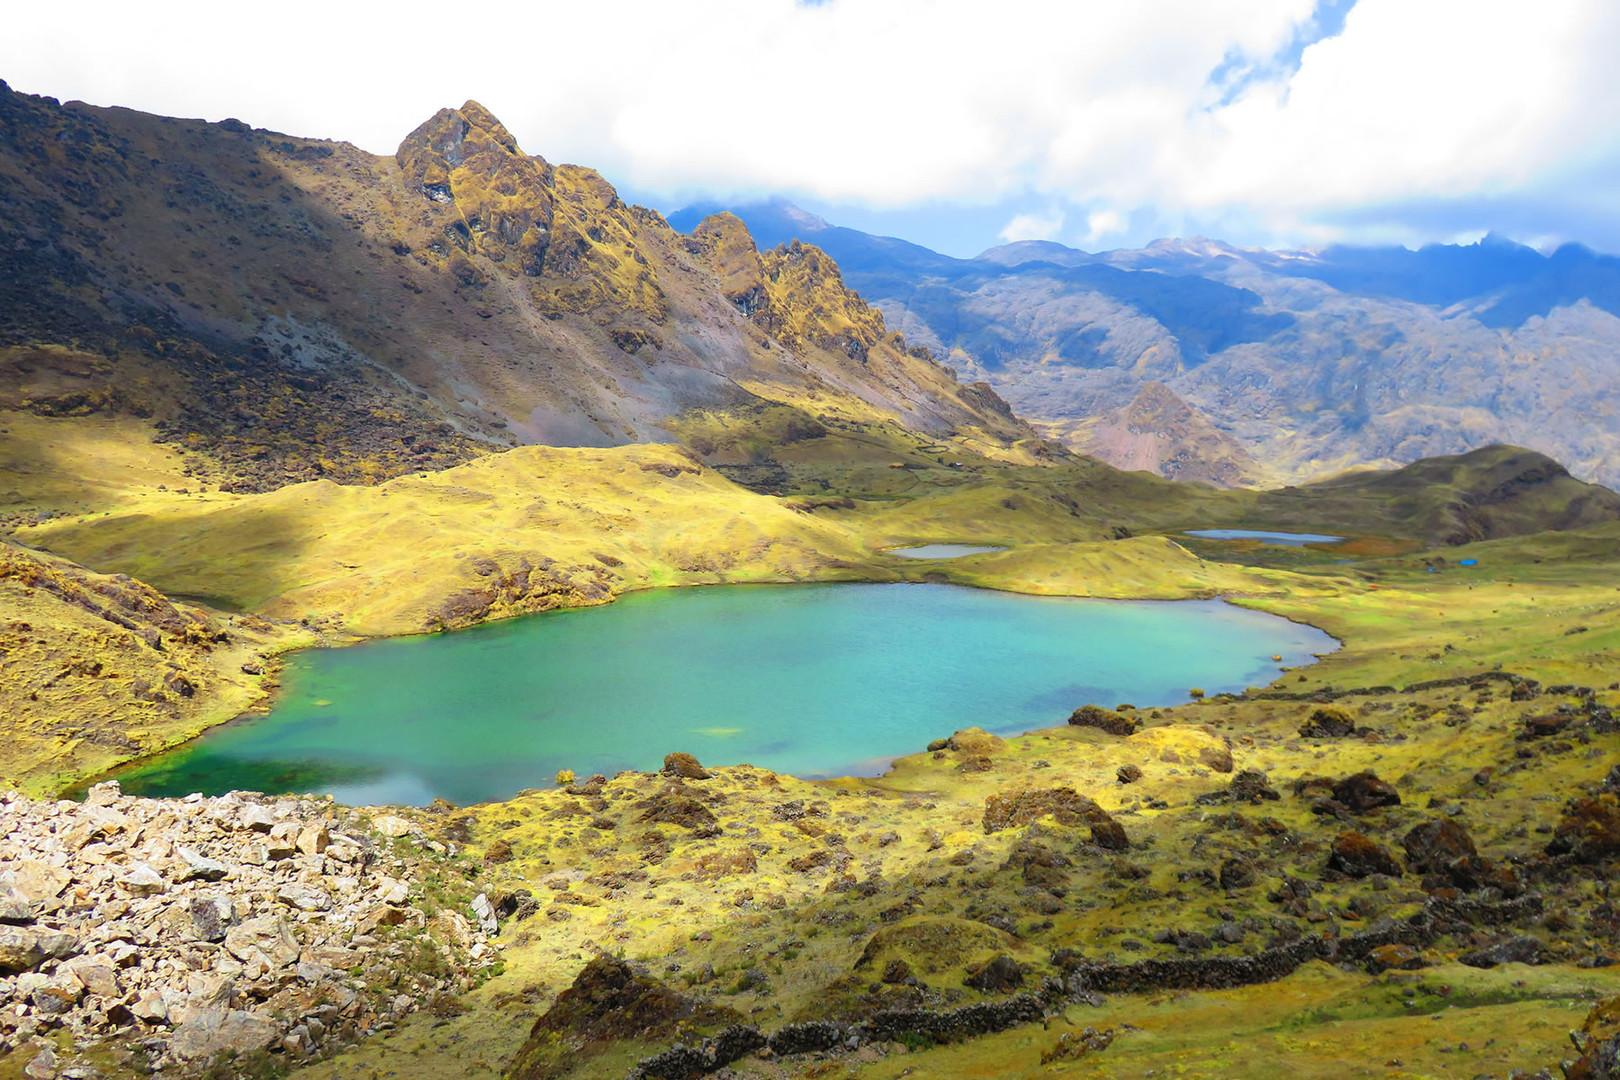 A beautiful mountain lake